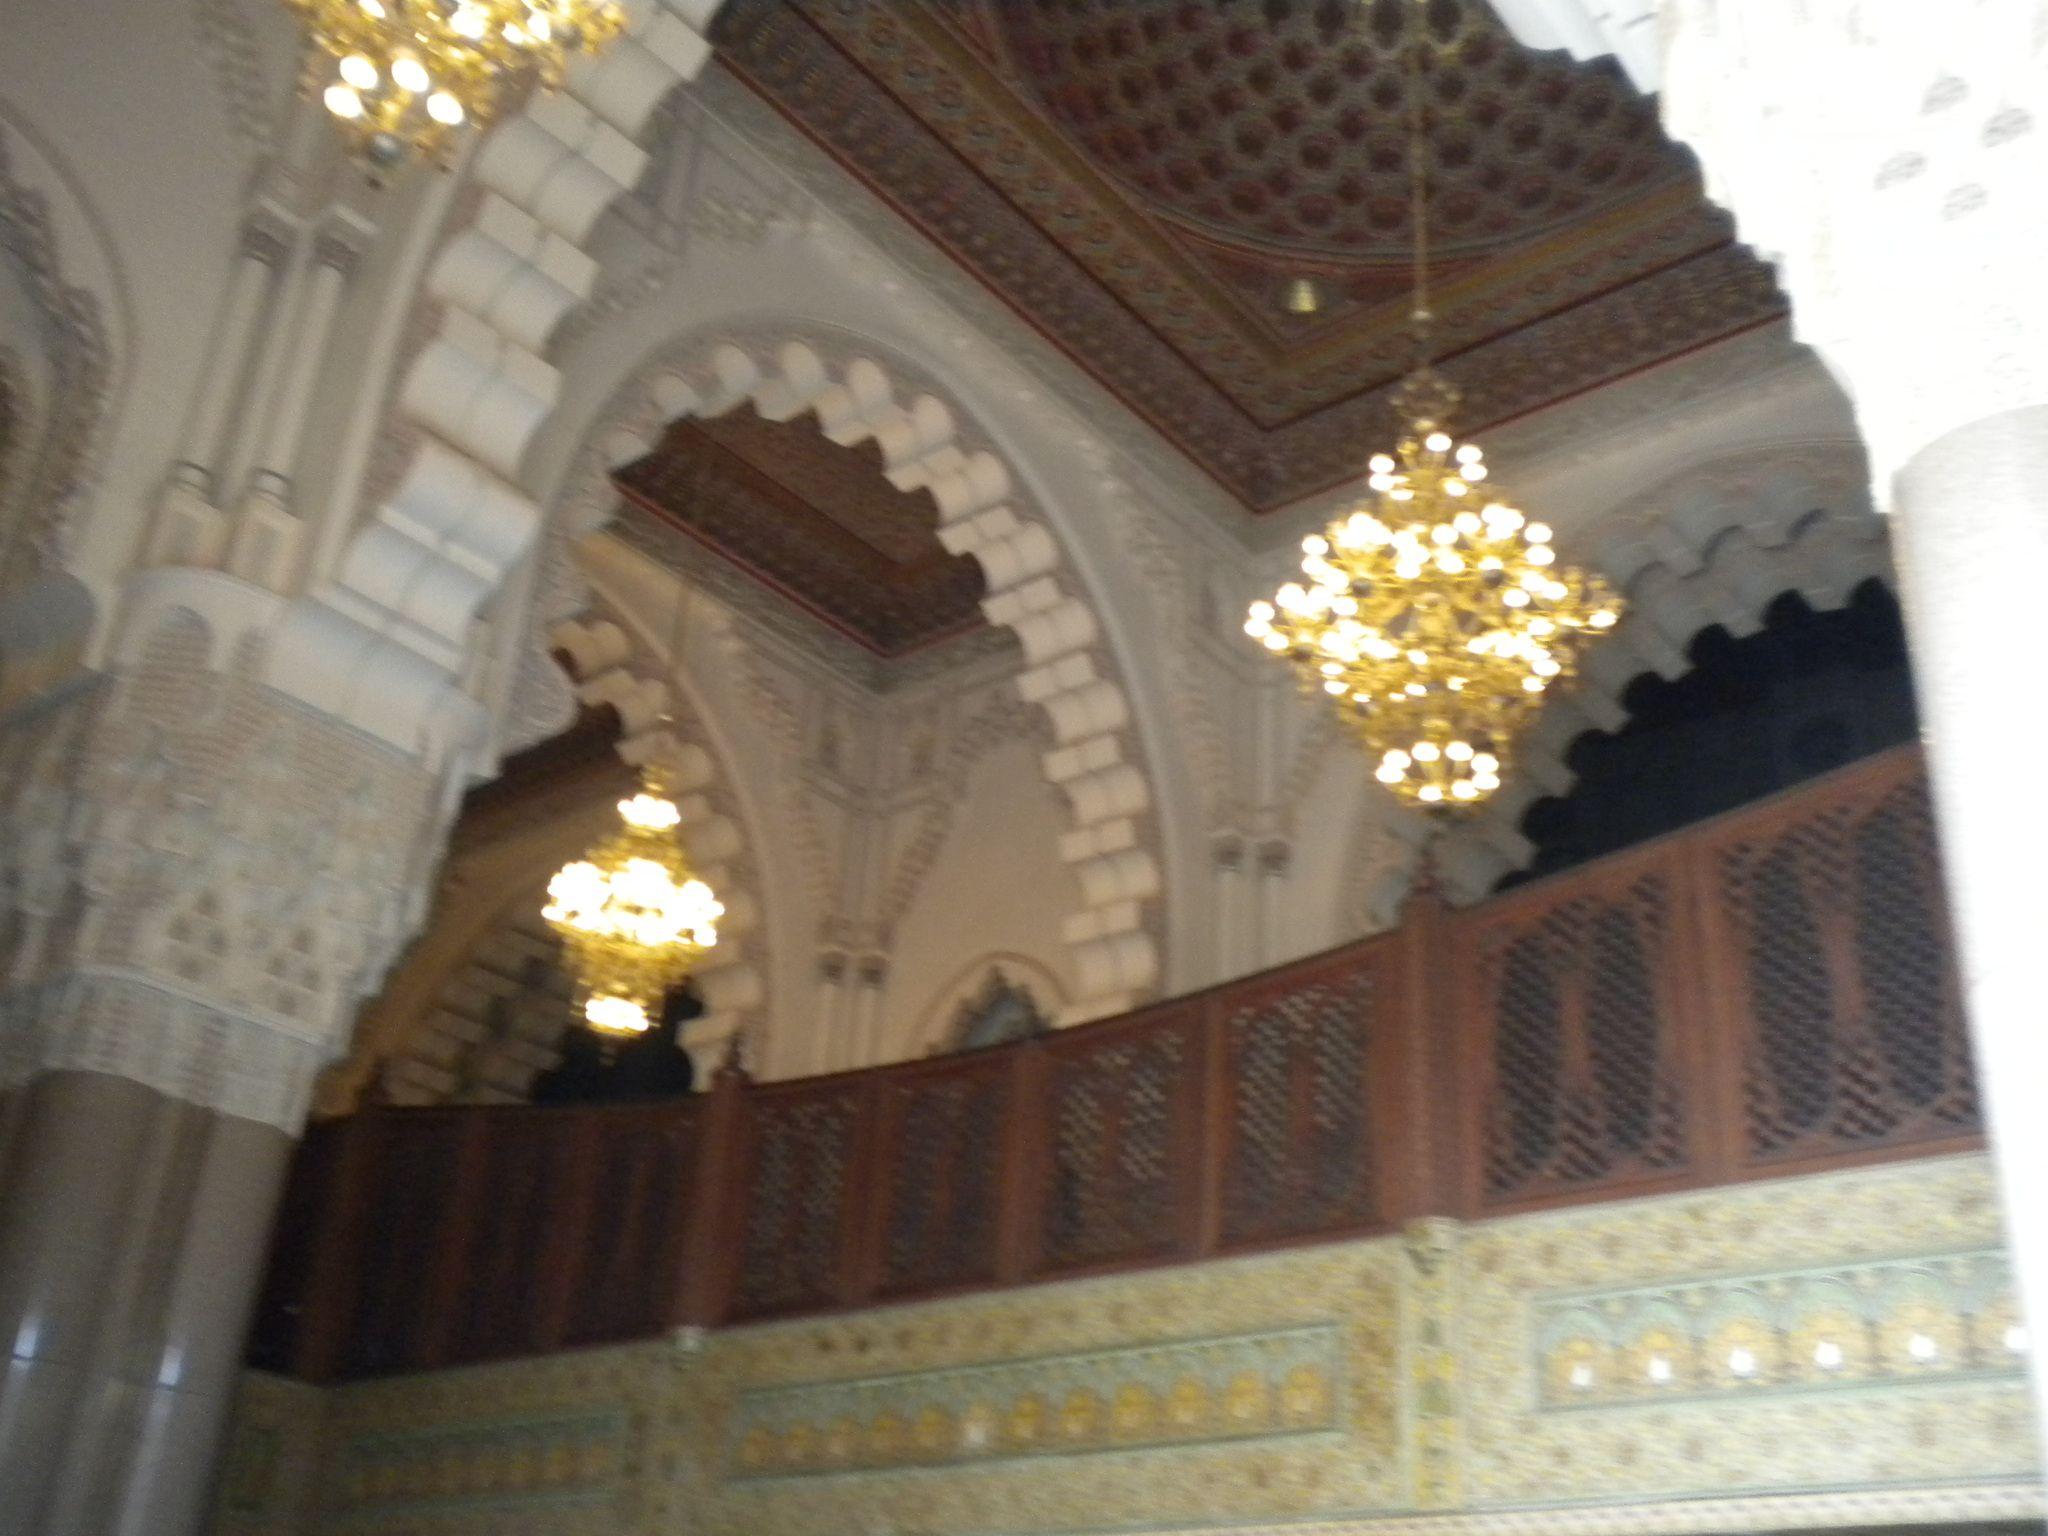 Salones interiores de la Mezquita de Casablanca